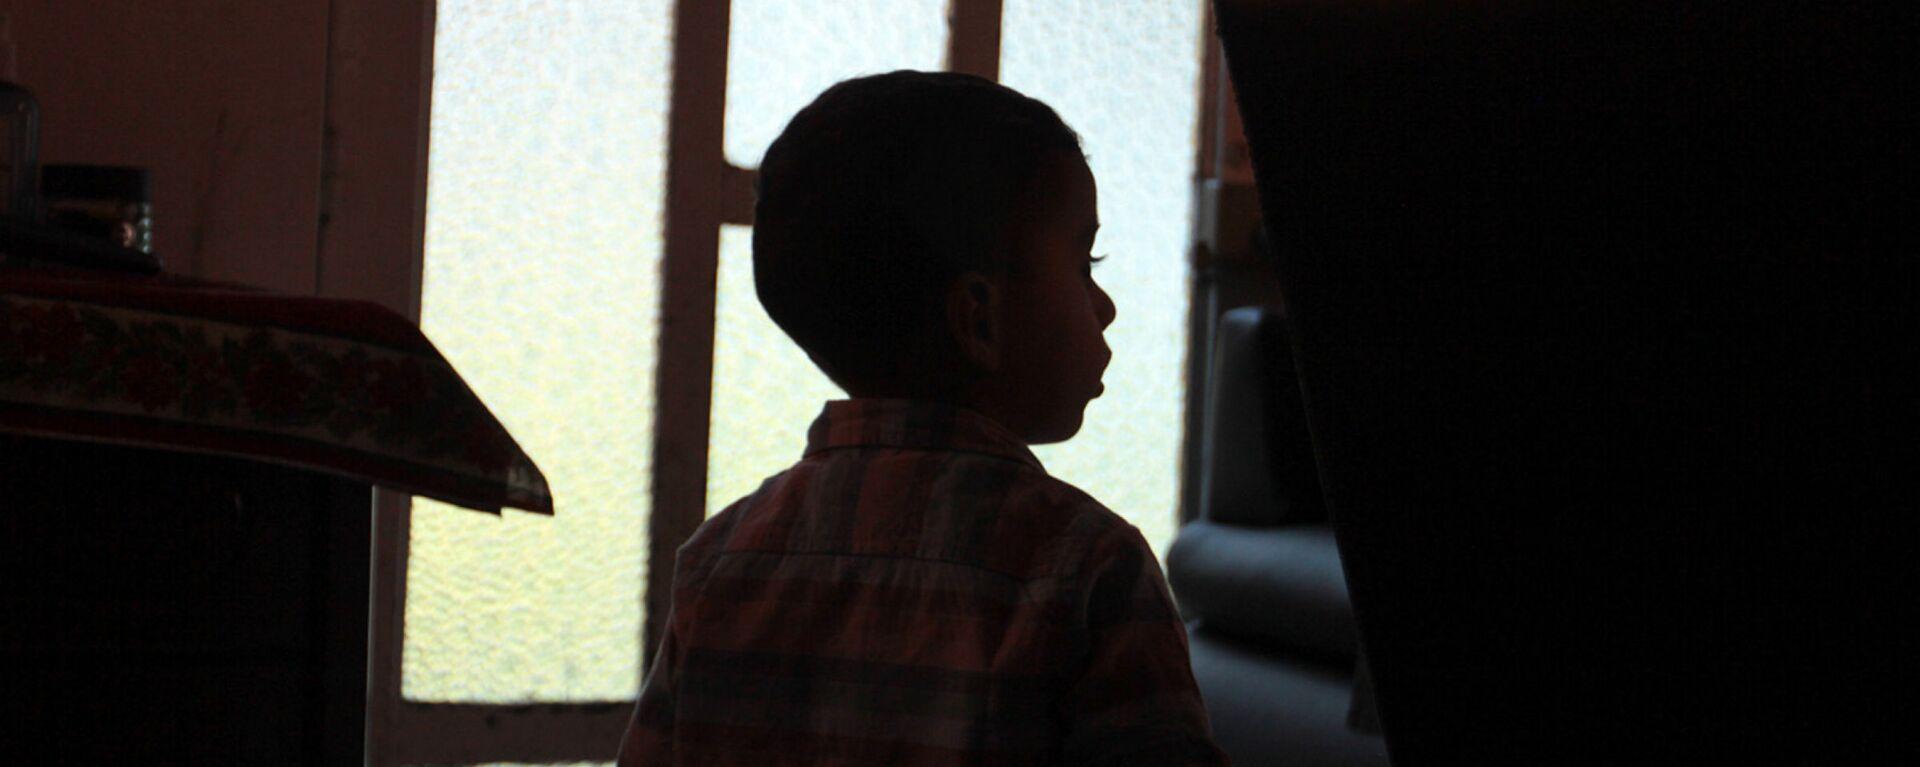 Rodrigo, quien quedó al cuidado de sus abuelos, luego de que su padre, asesinará a  Verónica Guadalupe, madre del menor - Sputnik Mundo, 1920, 05.10.2021